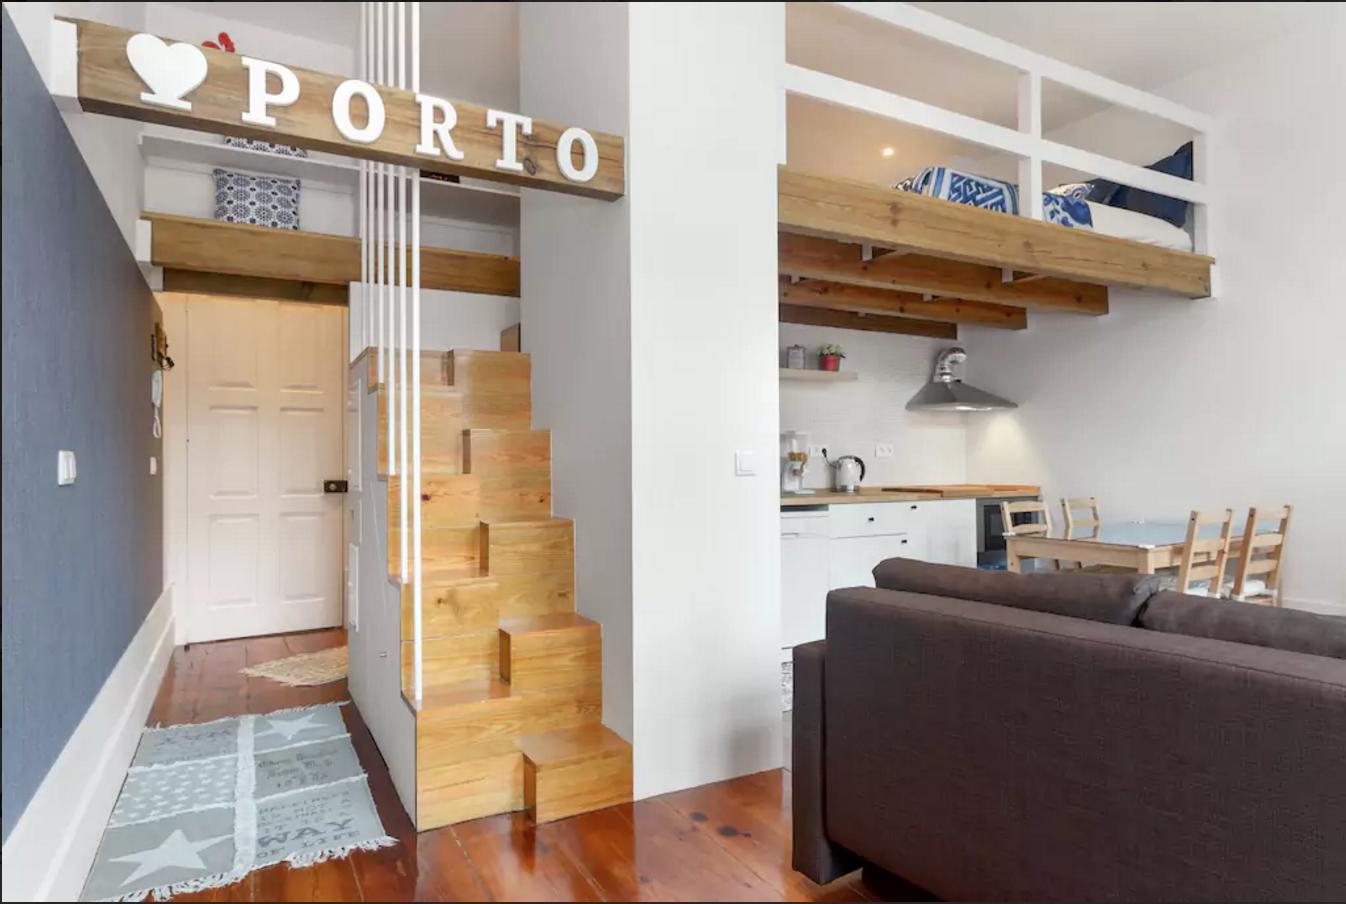 location-airbnb-porto-portugal-1